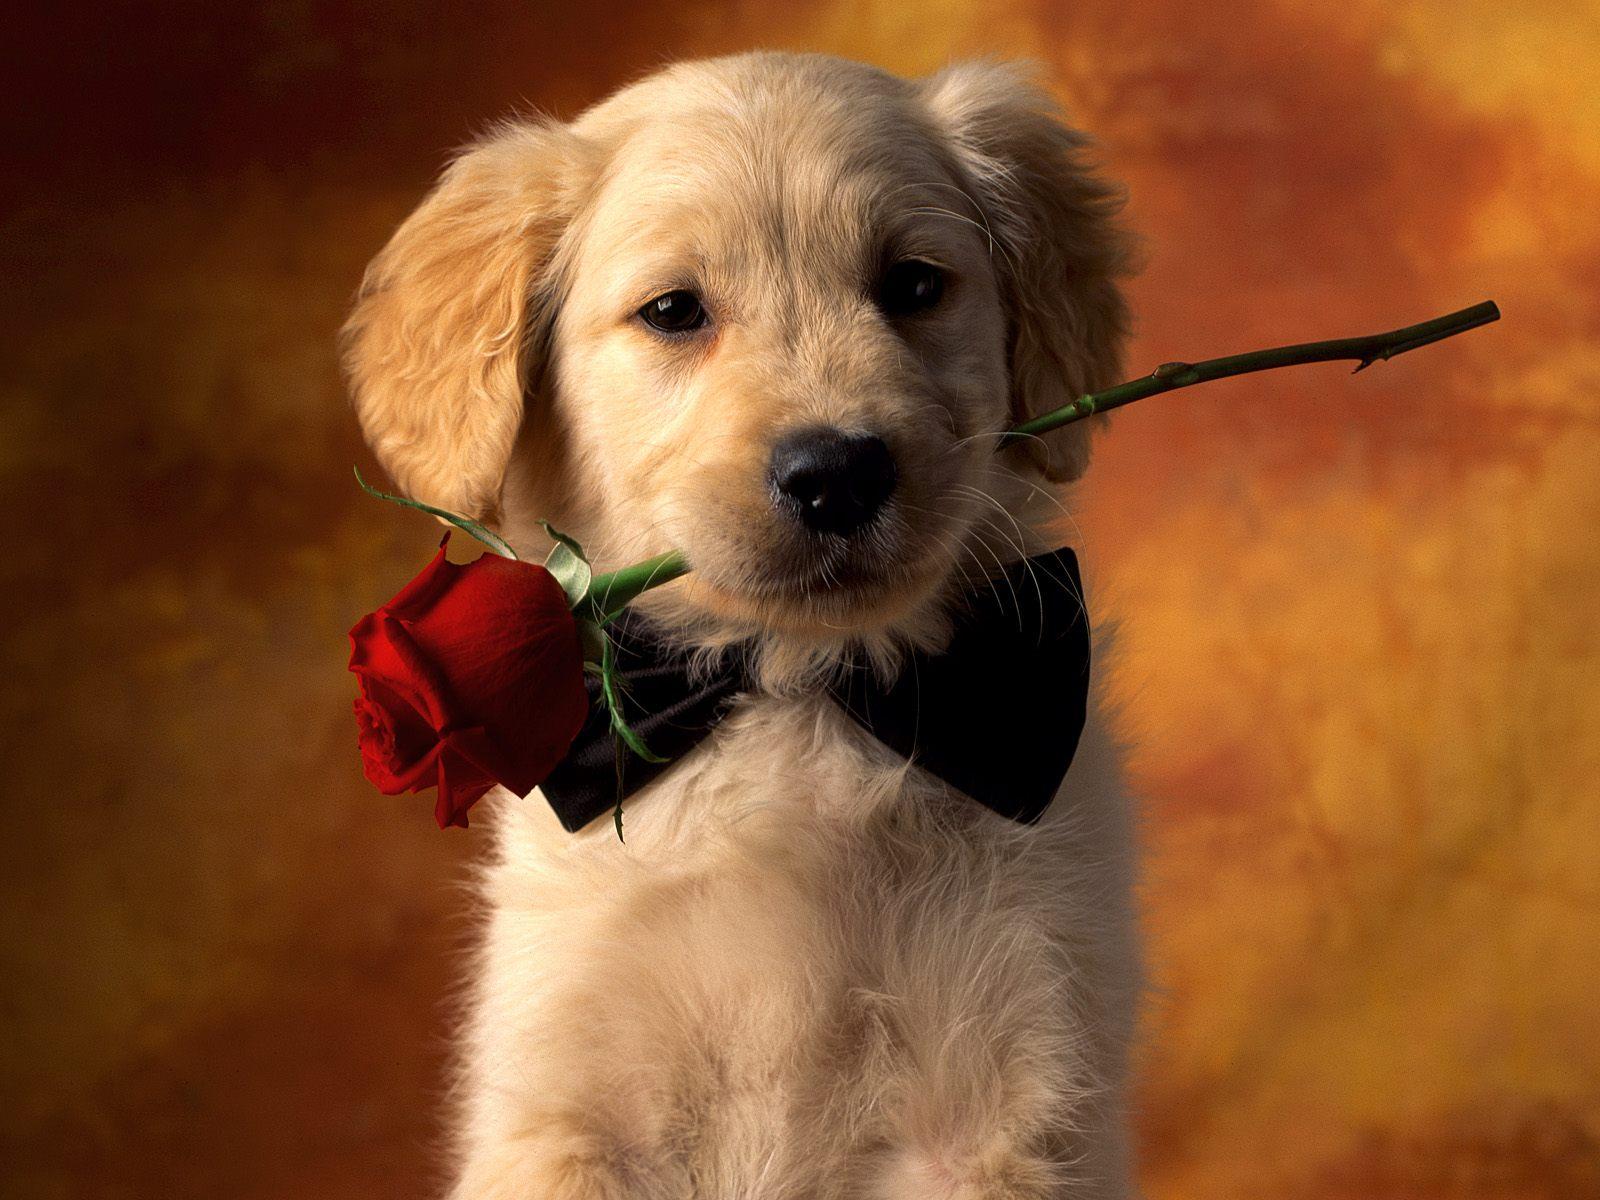 http://3.bp.blogspot.com/_BvTQDfwLKYY/TF56k2hjEpI/AAAAAAAABBY/xwWUqZt4q1M/s1600/Dogs+(19).jpg